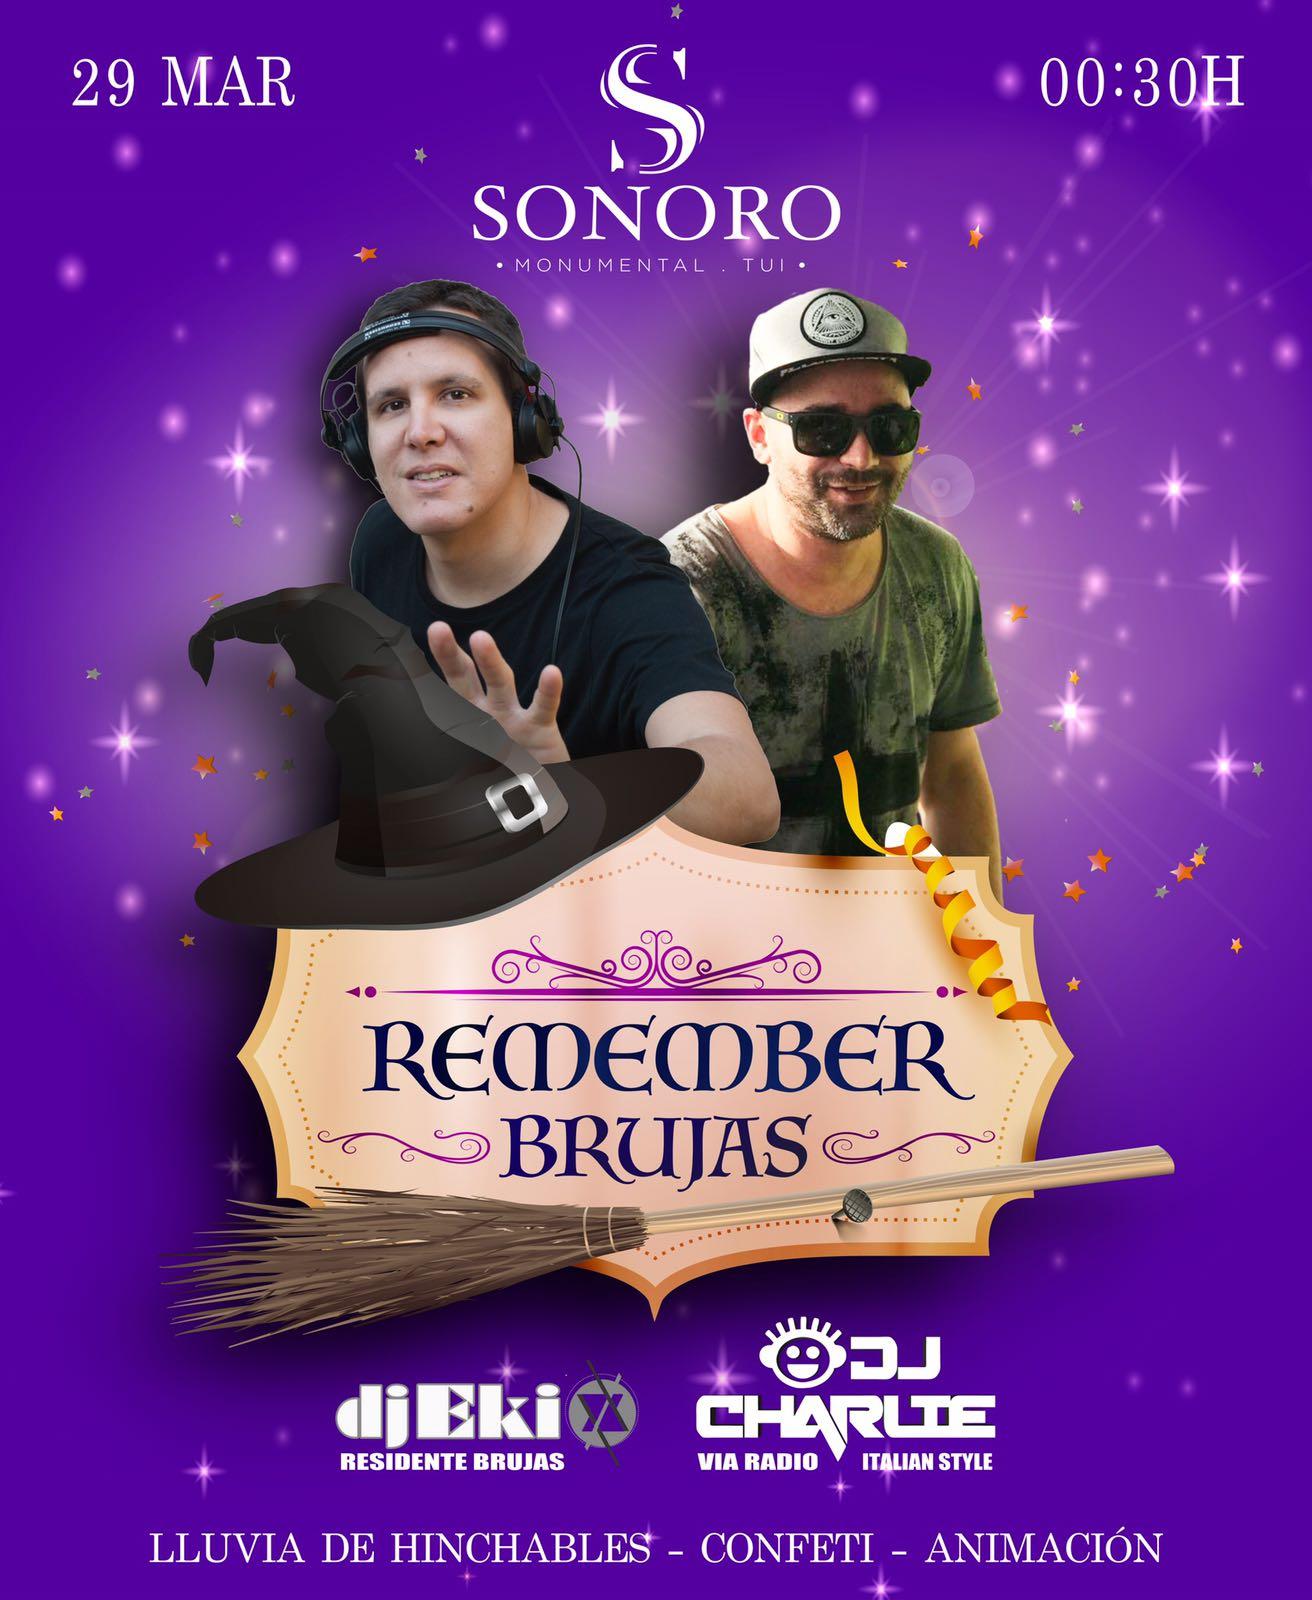 29-03-2018 Sonoro remember